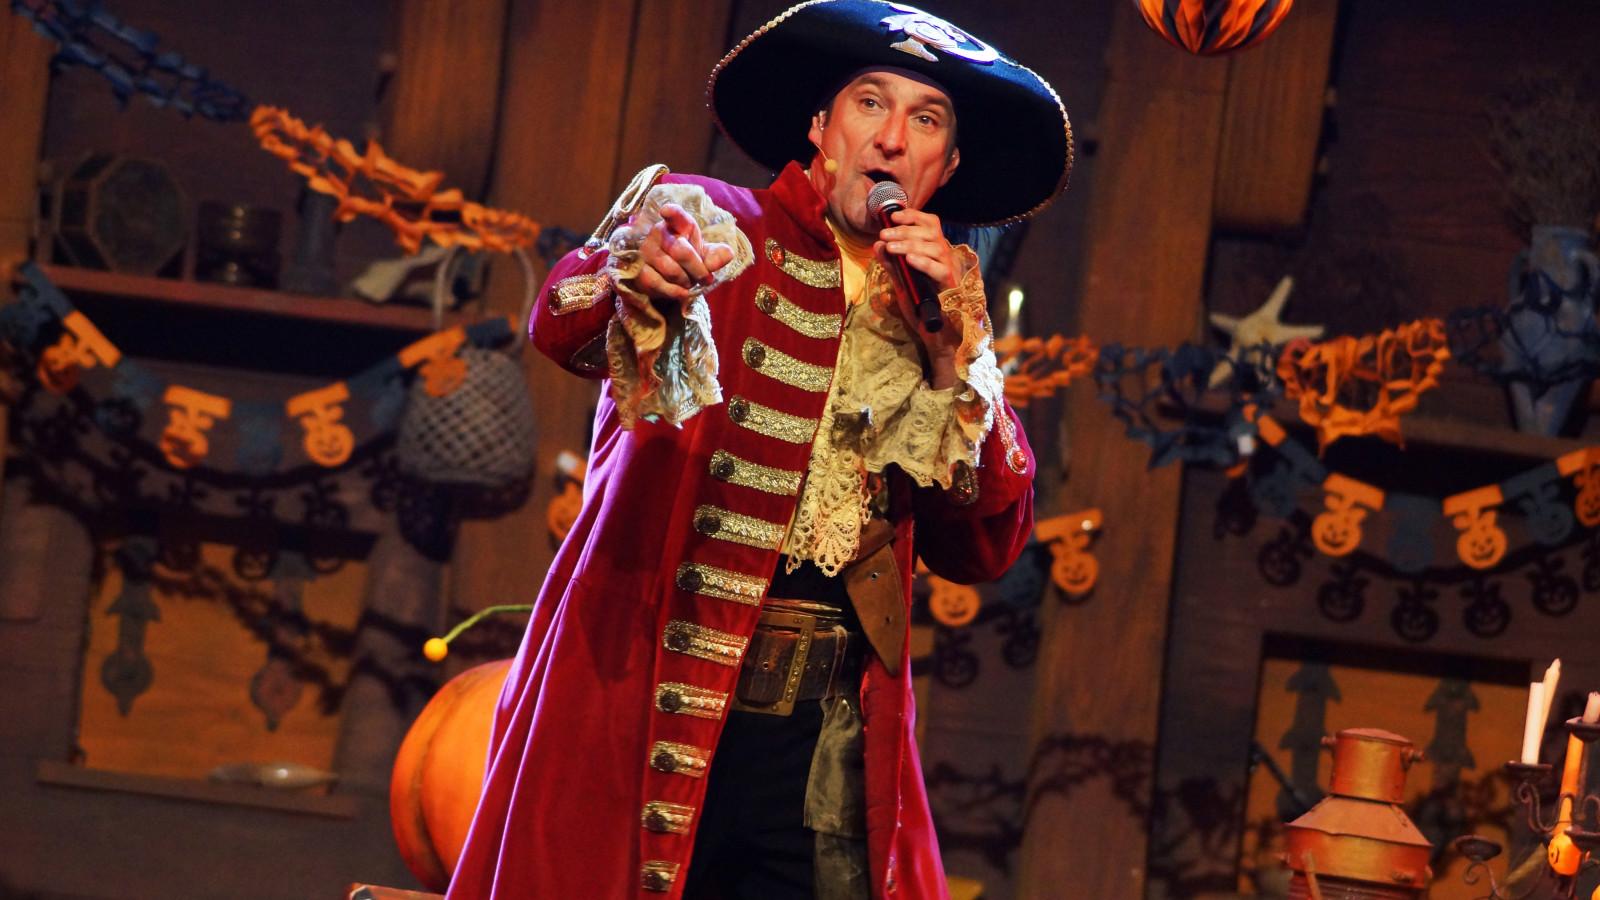 Piet Piraat Halloweenshow